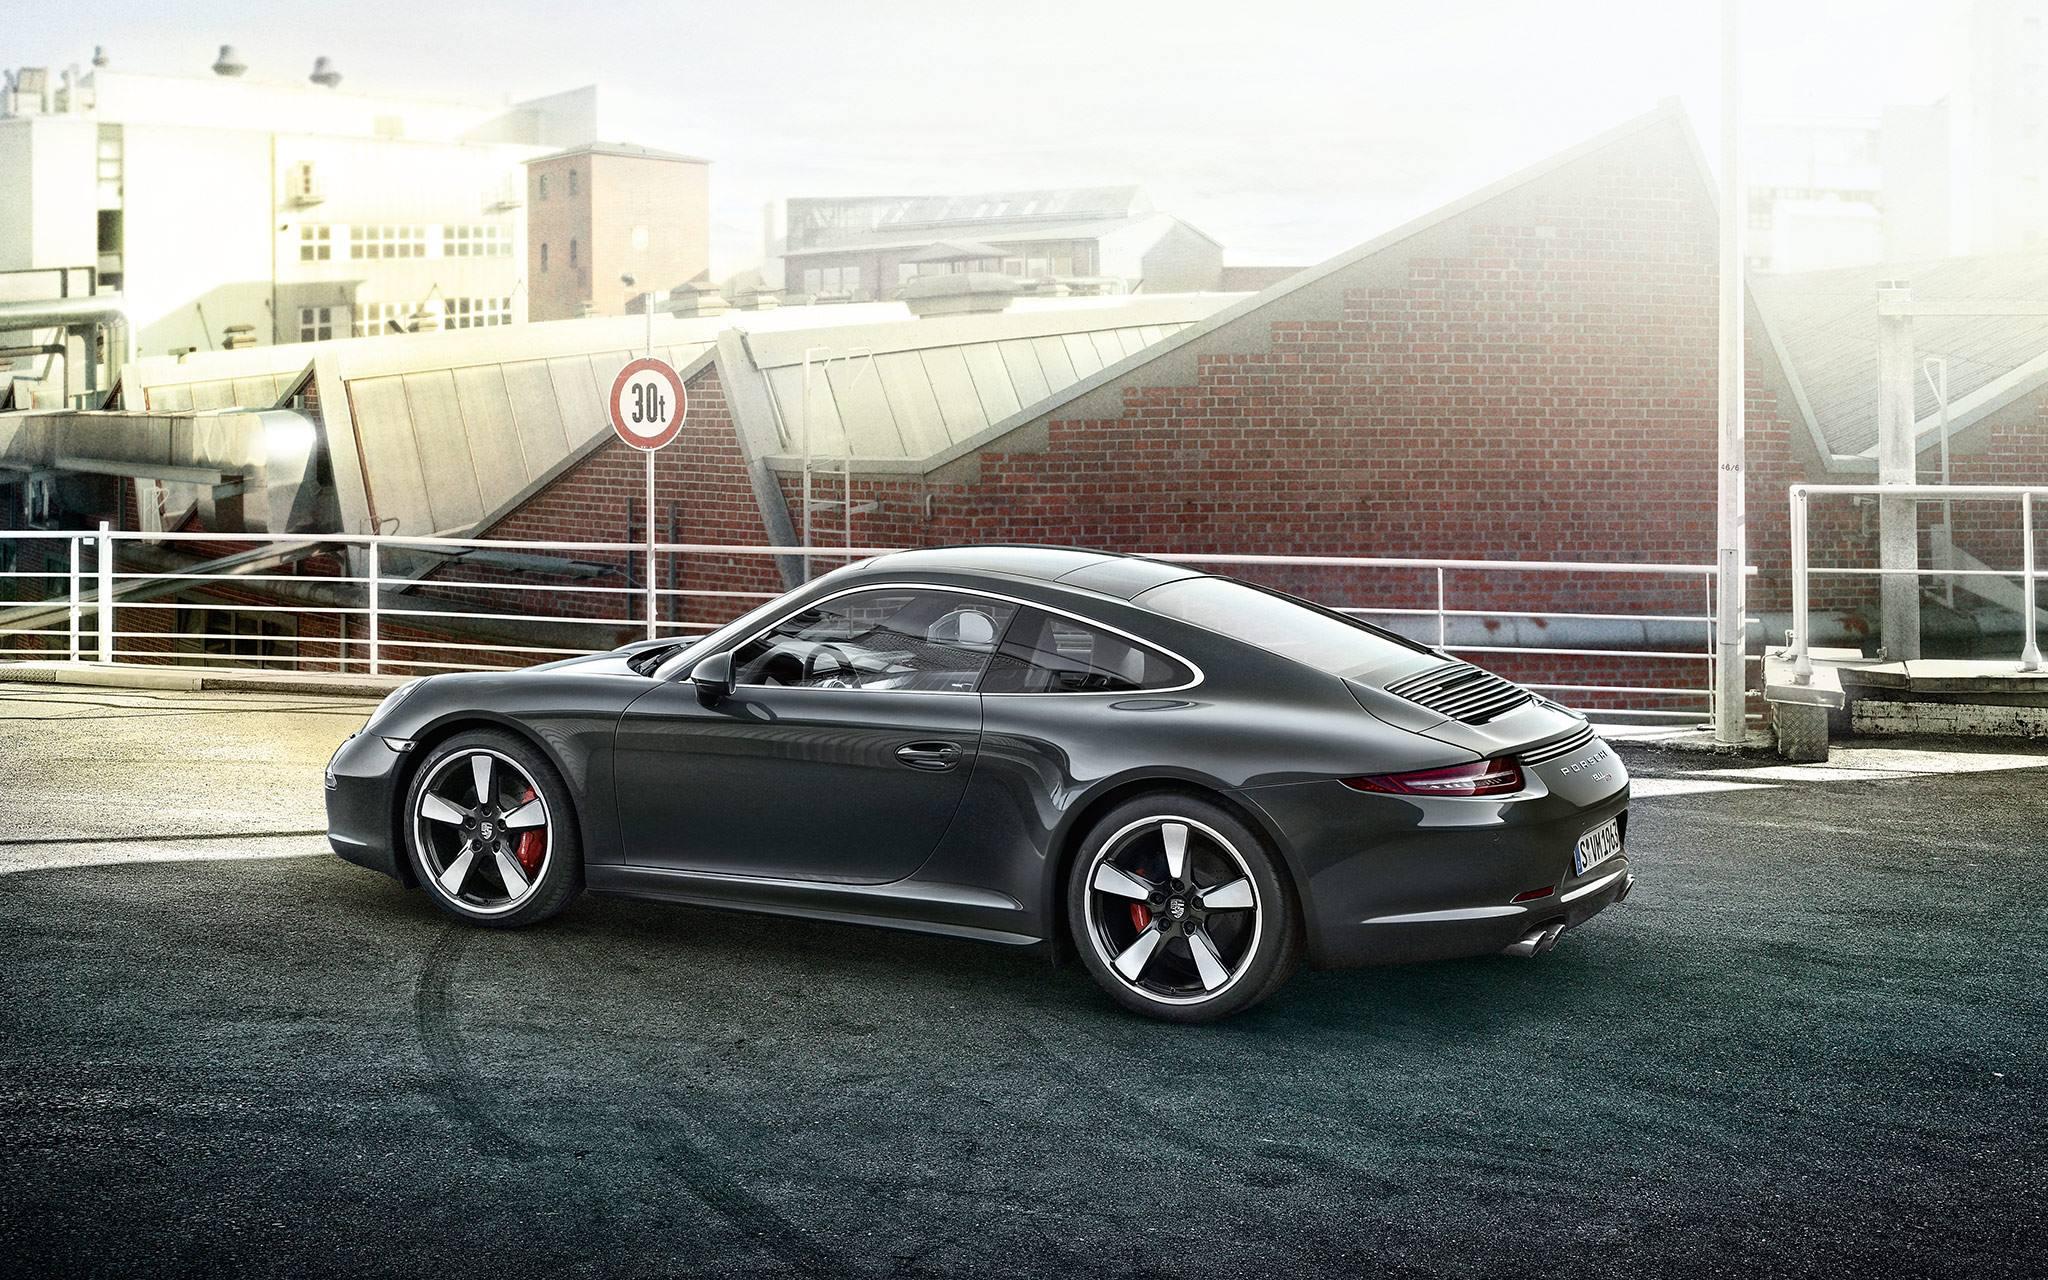 Porsche presentará en Frankfurt el 911 50 aniversario